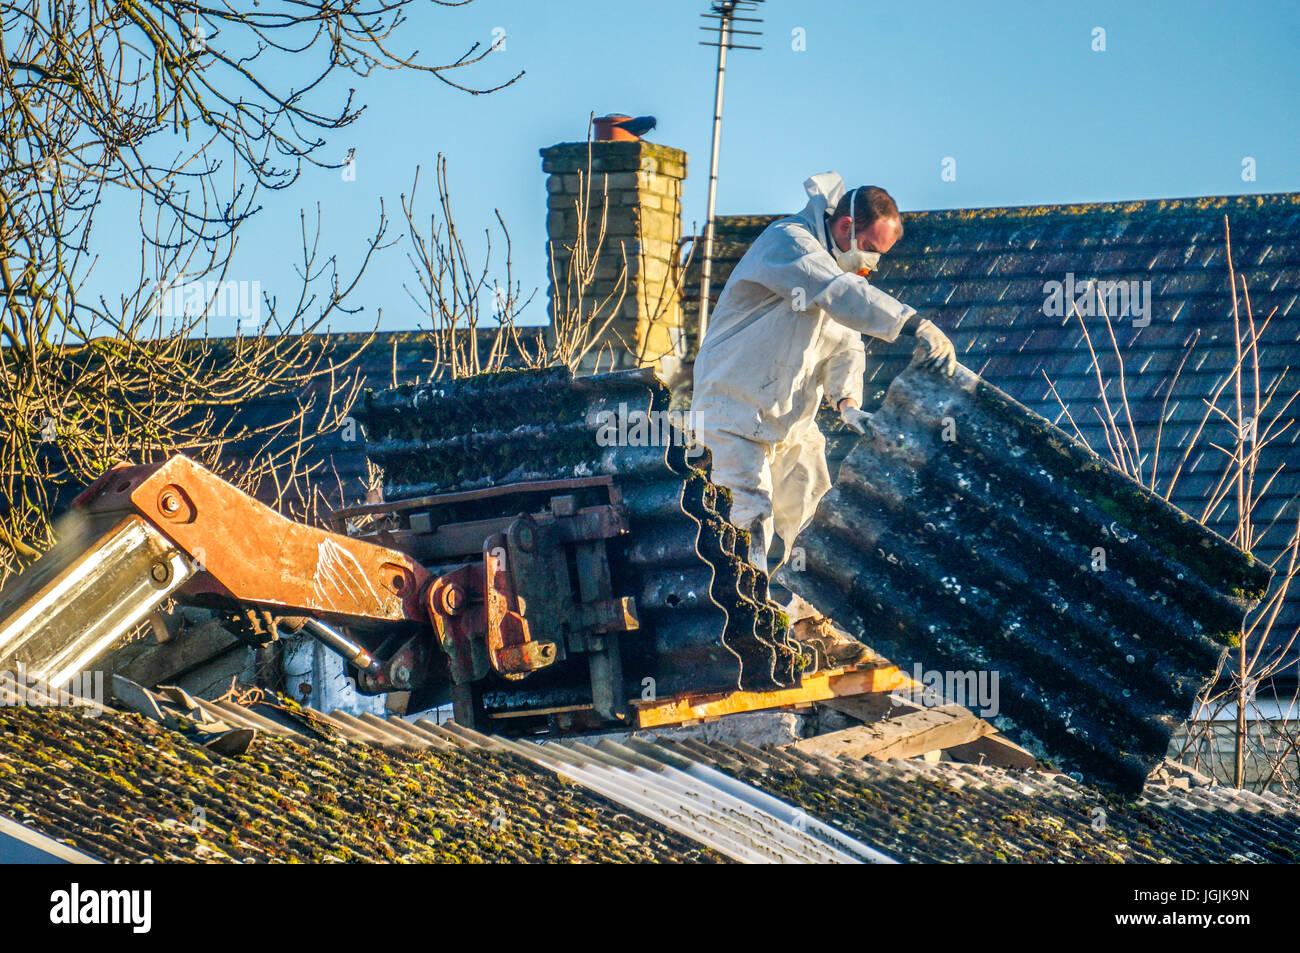 Un uomo che indossa indumenti protettivi durante la rimozione delle coperture in amianto da un vecchio fienile. Immagini Stock